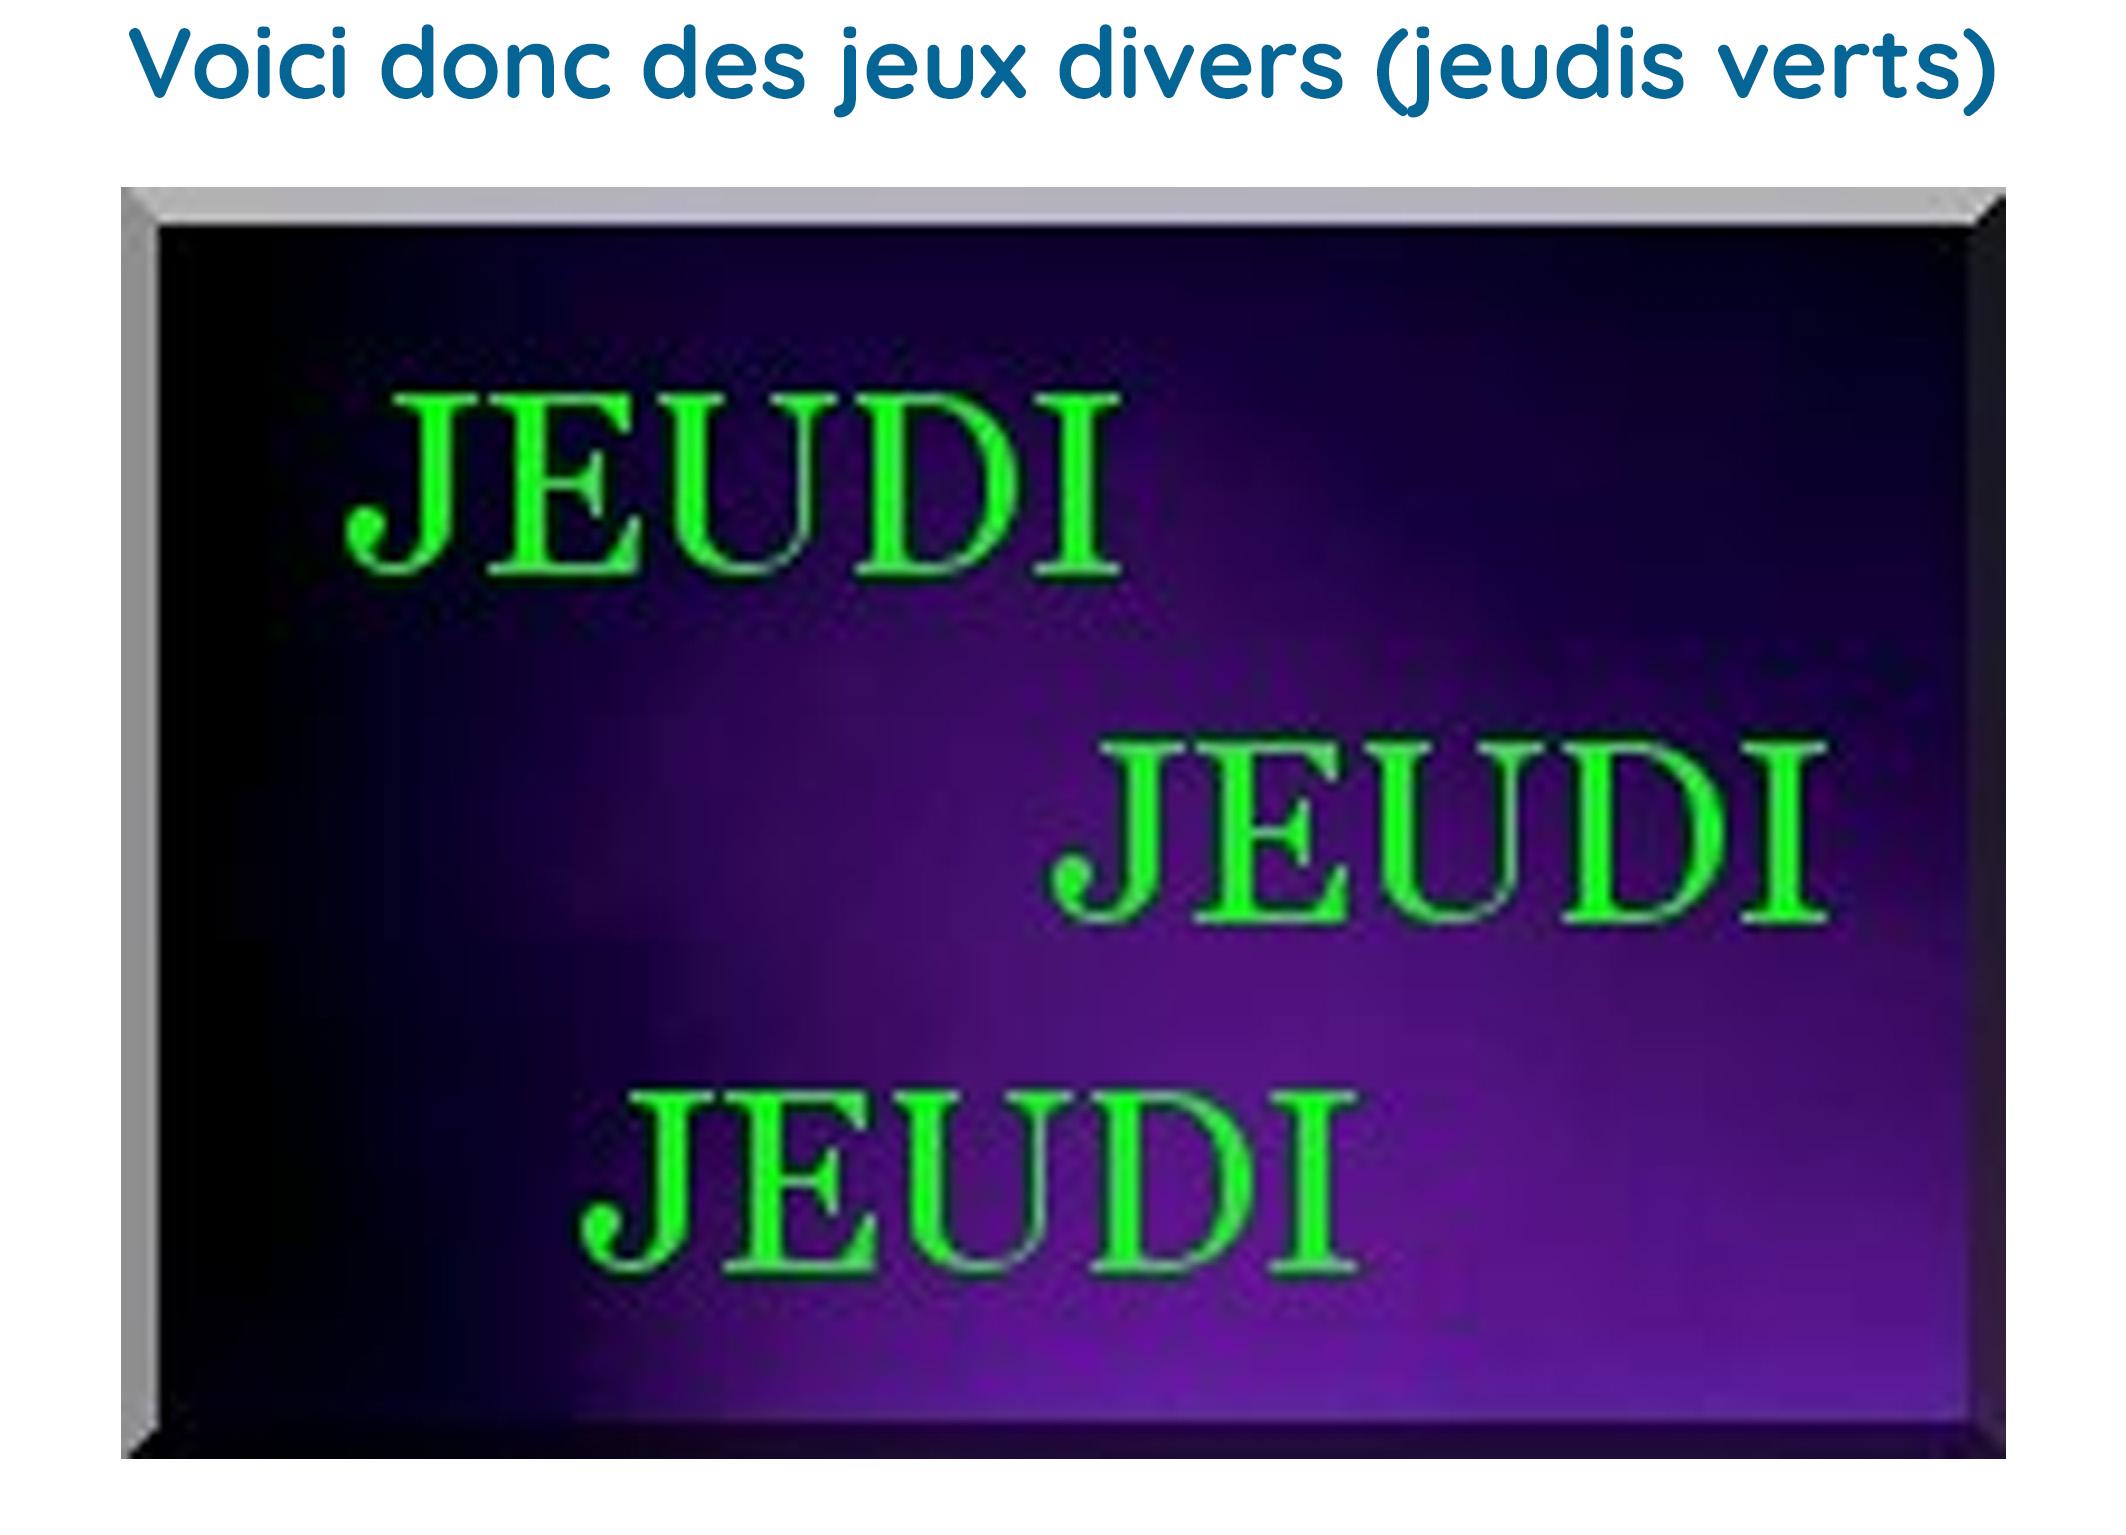 JEUDIS VERTS = JEUX DIVERS